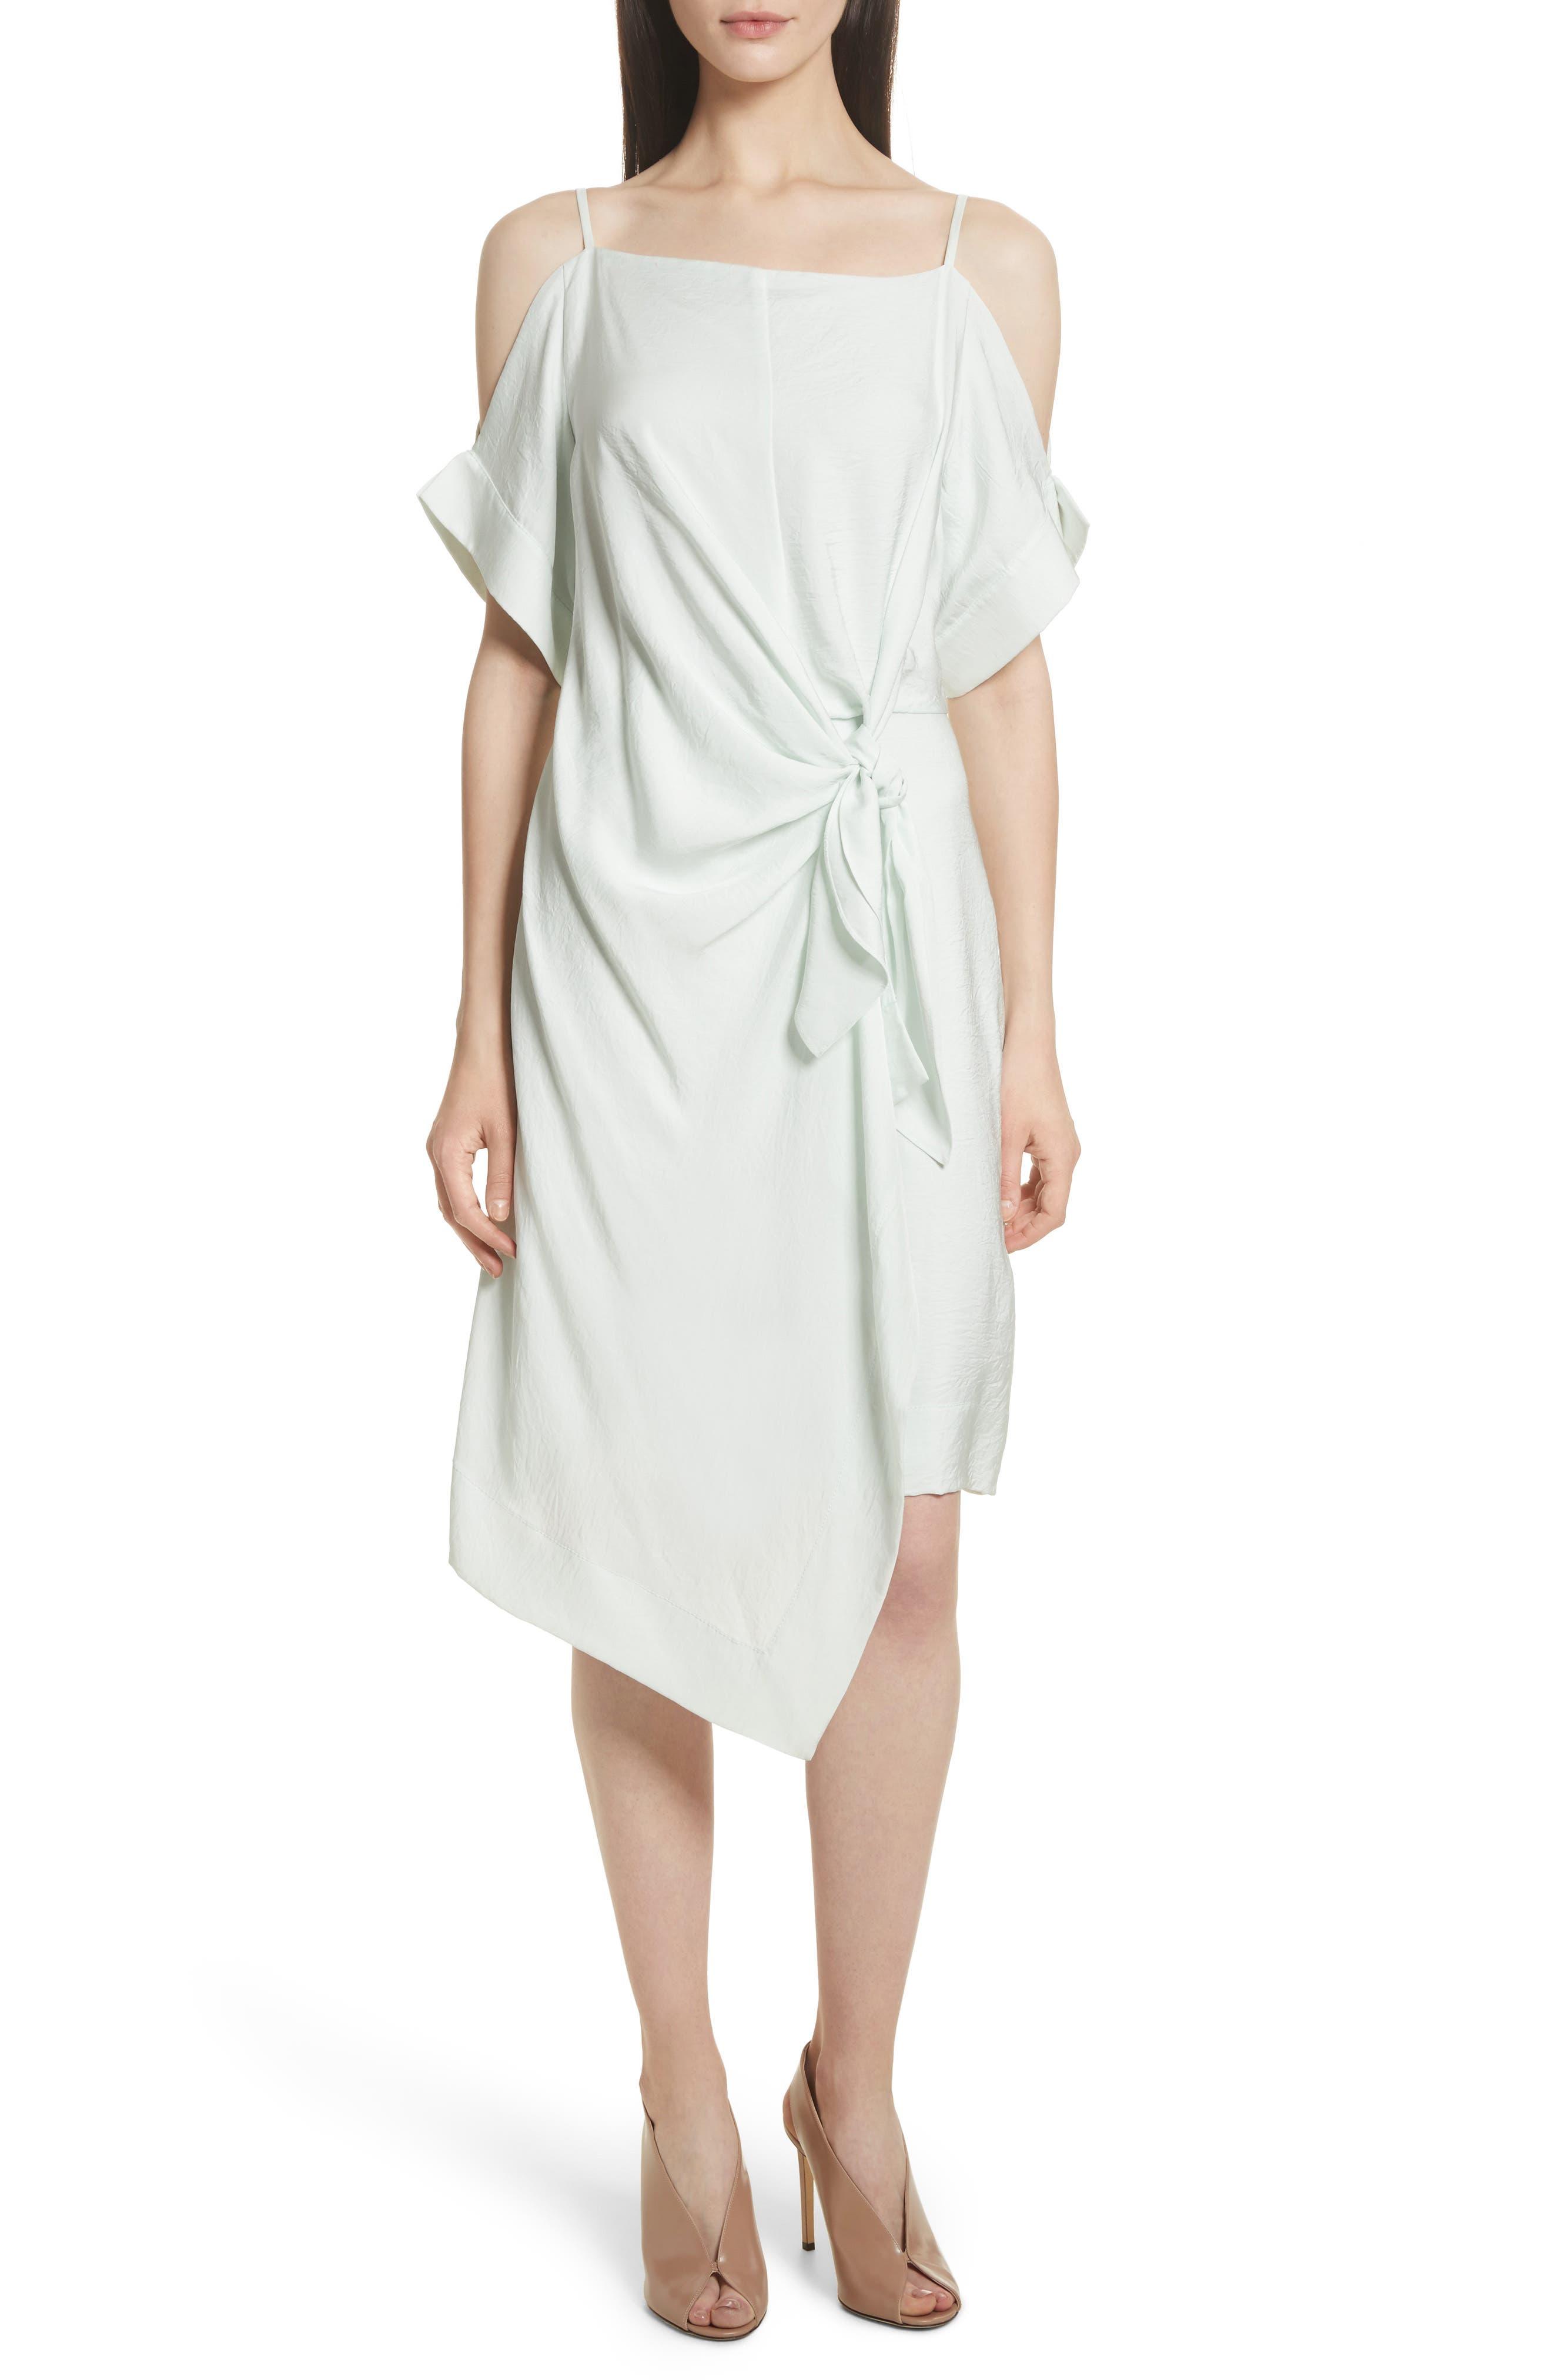 GREY Jason Wu Tie Front Cold Shoulder Dress